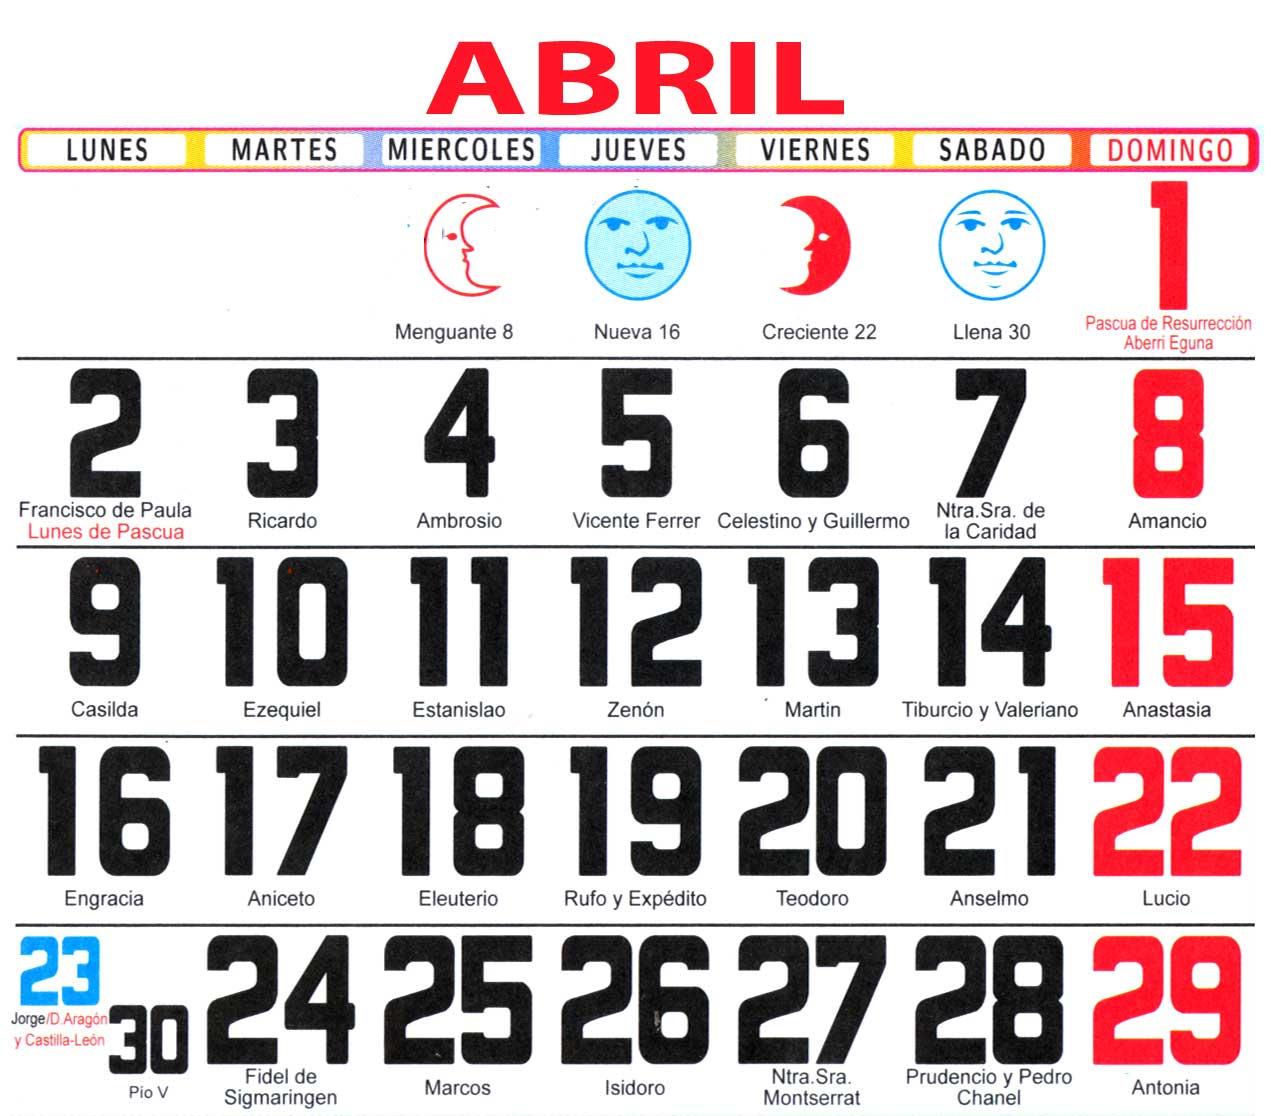 Calendario Con Santos.Calendario 2018 Con Santoral Y Lunas